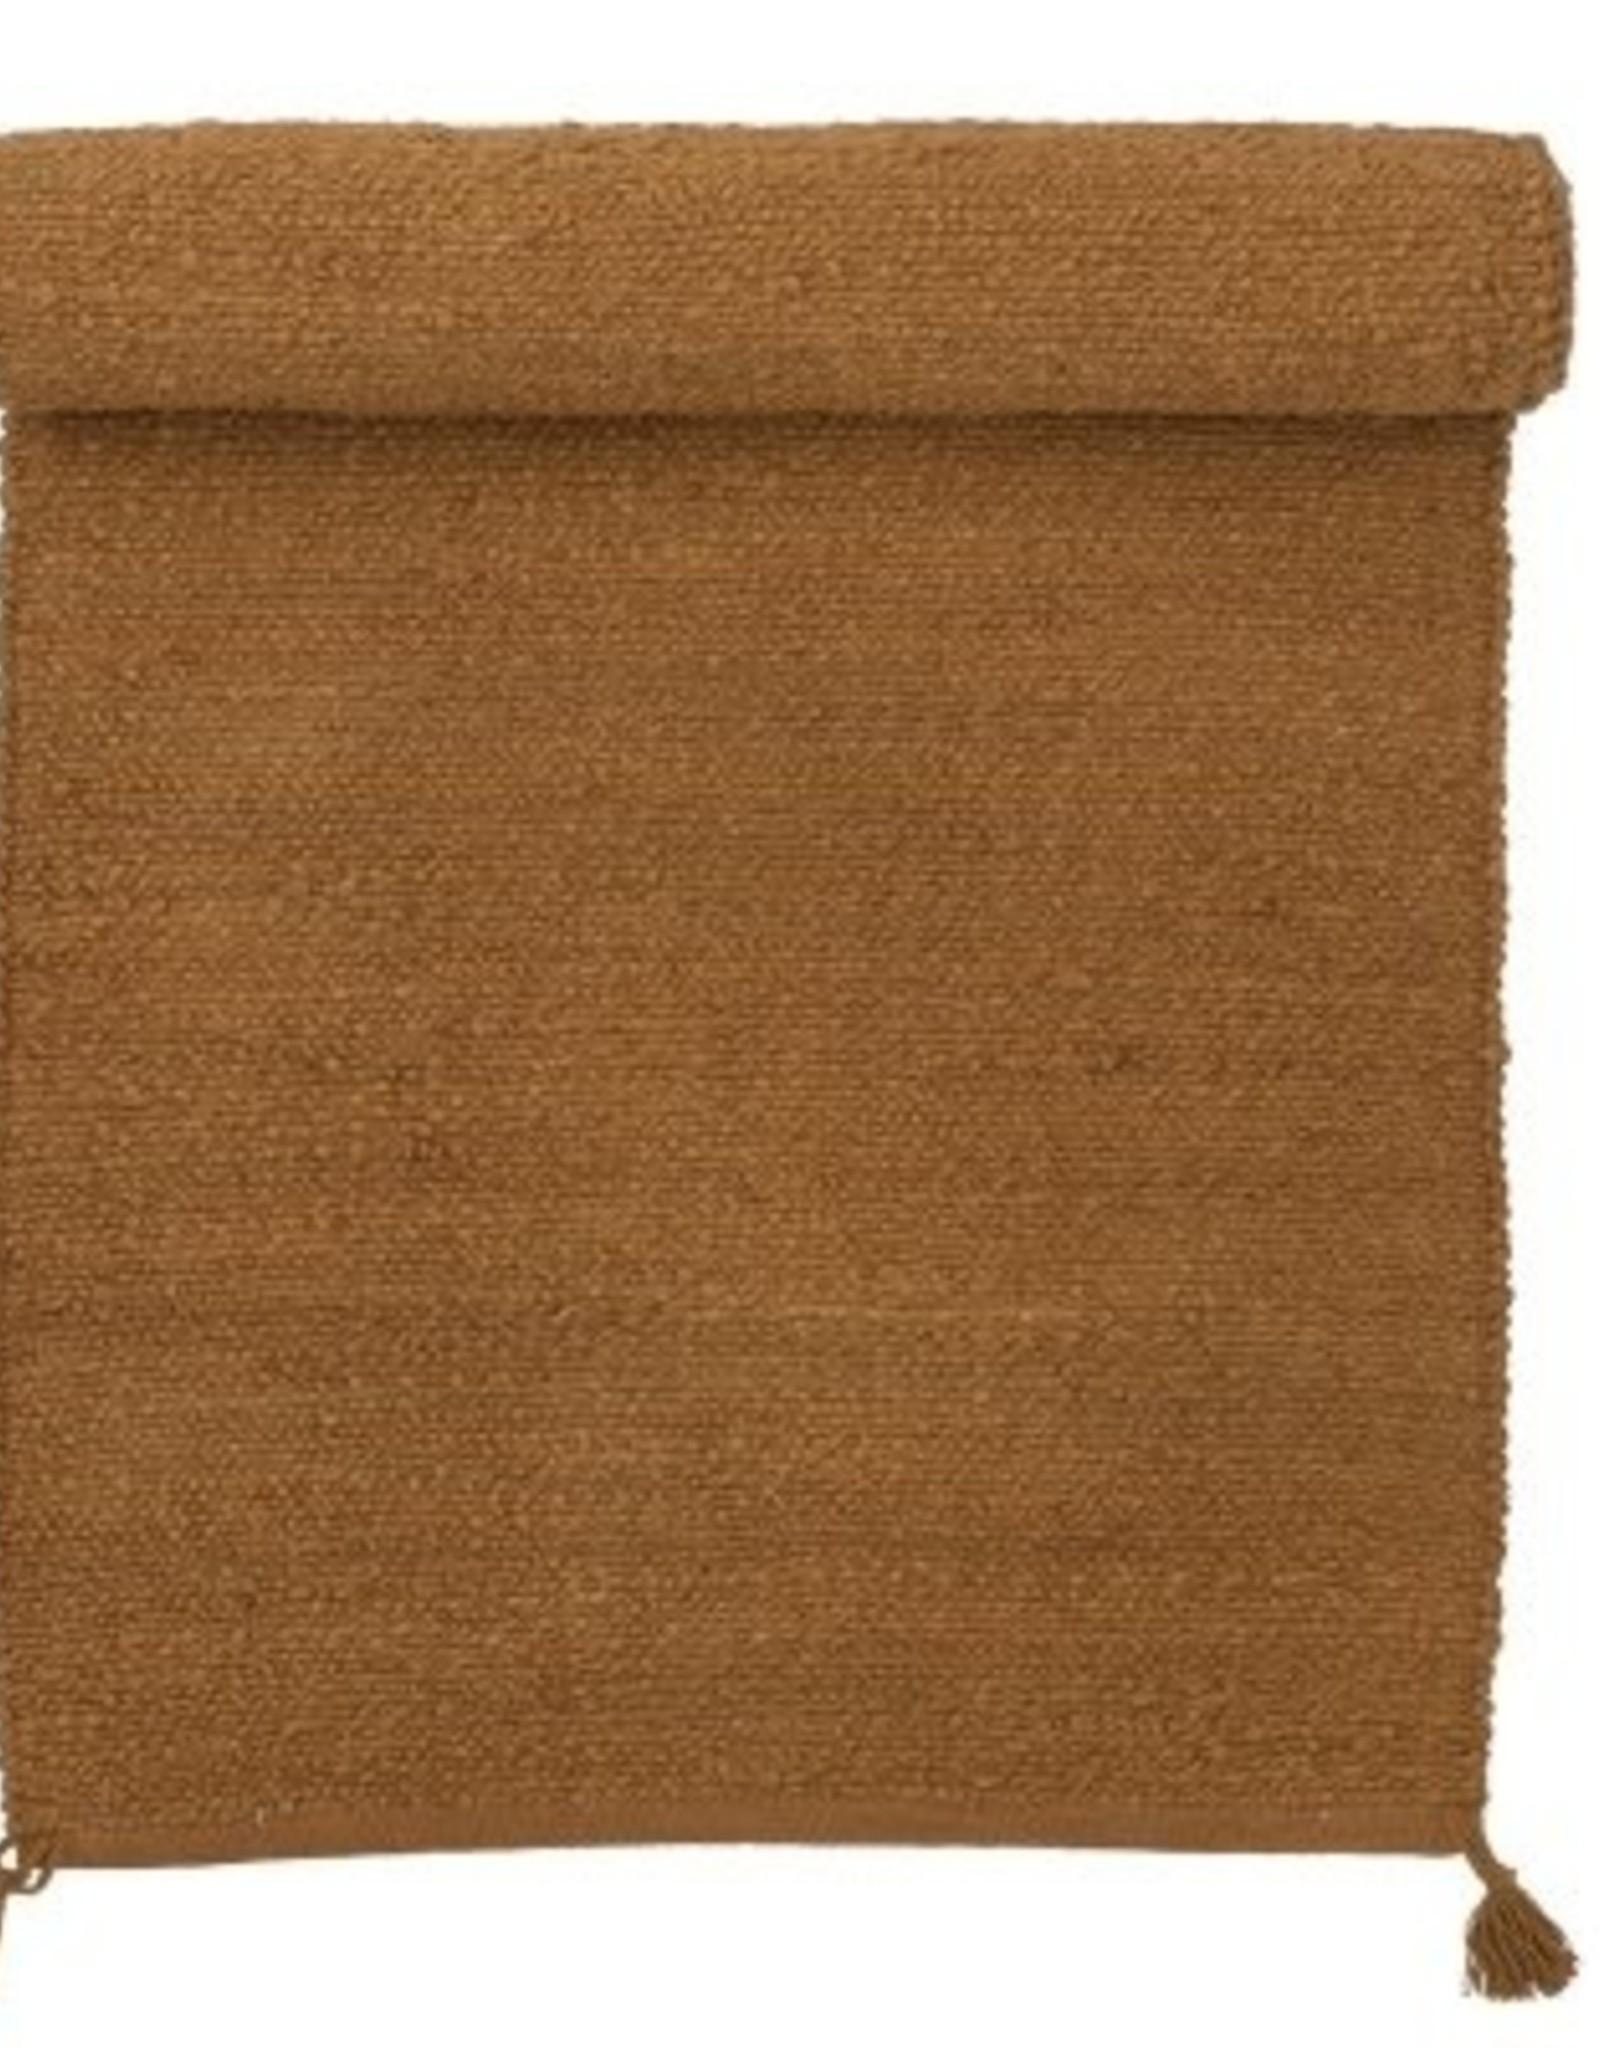 Bungalow Kleed Jute 70x240cm cinnamon